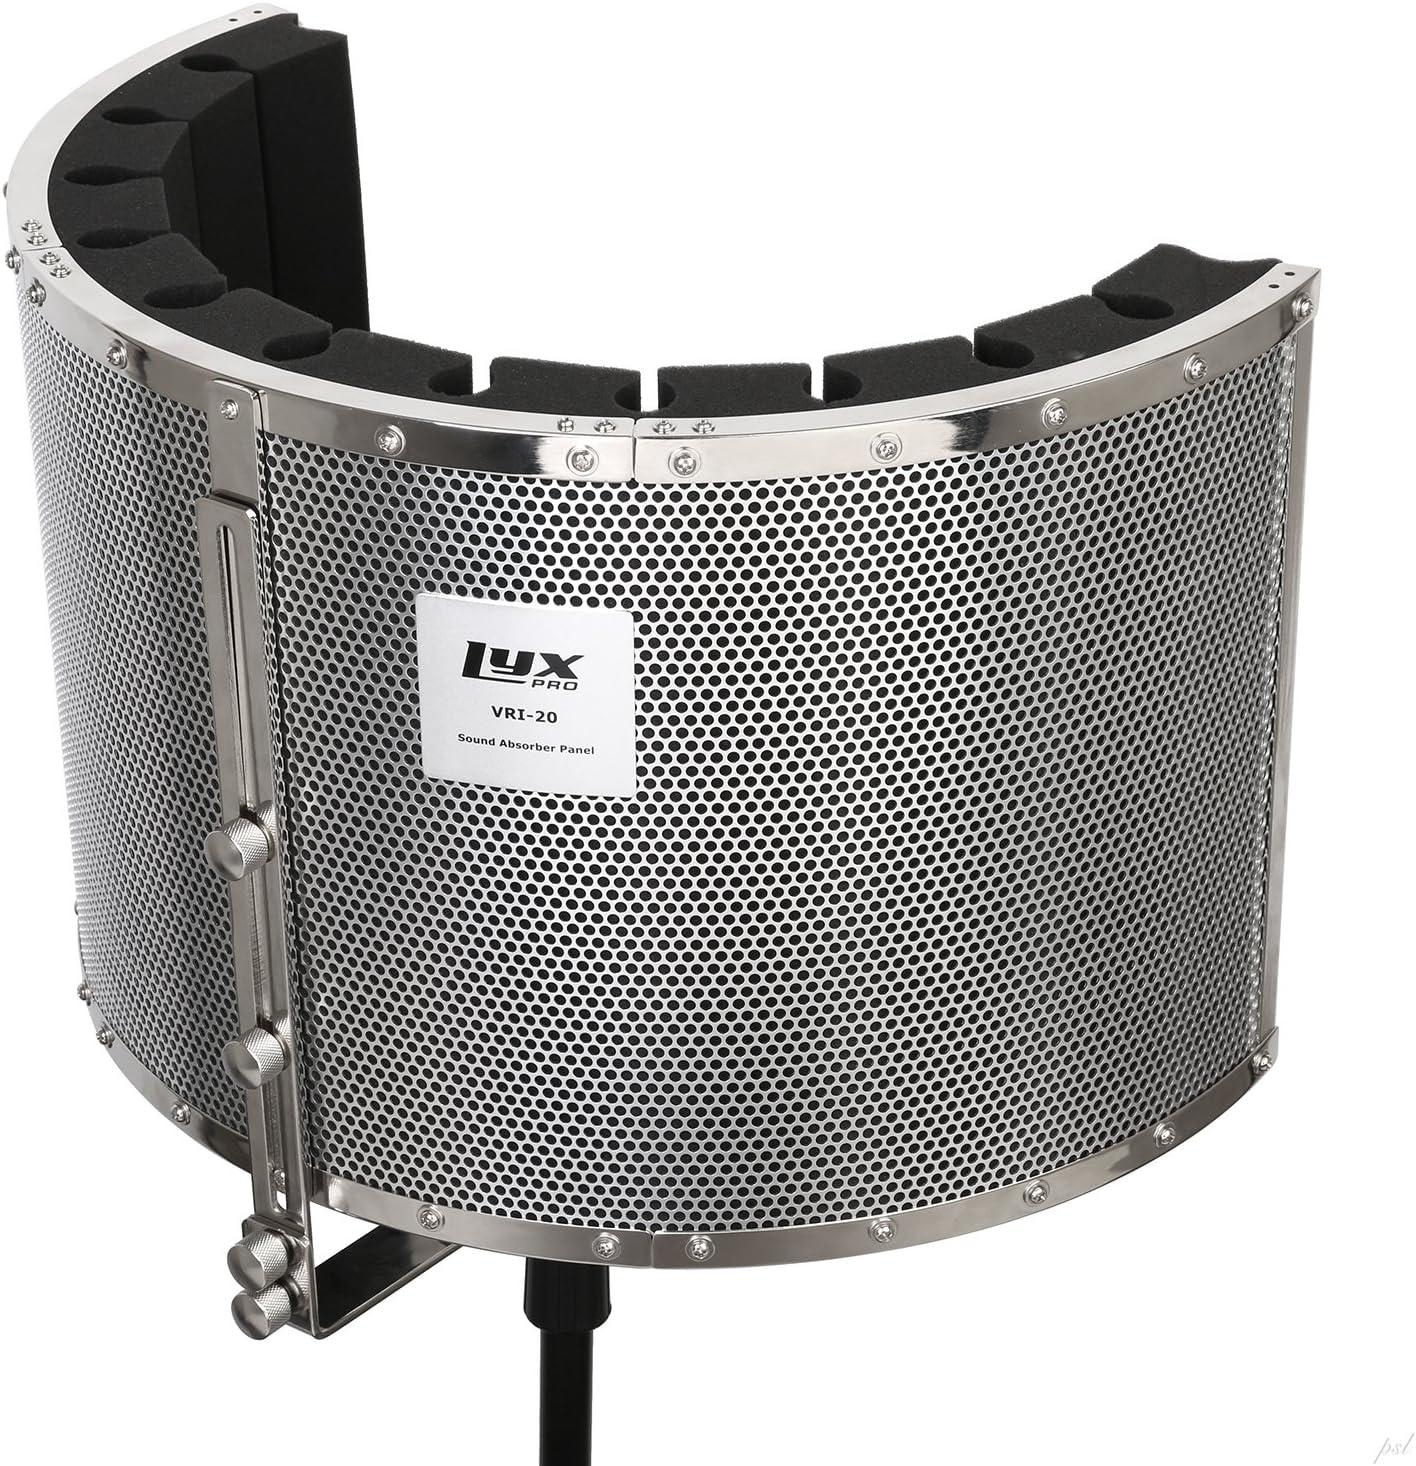 Panel de absorción acústica portátil para grabación vocal VRI-20 ...